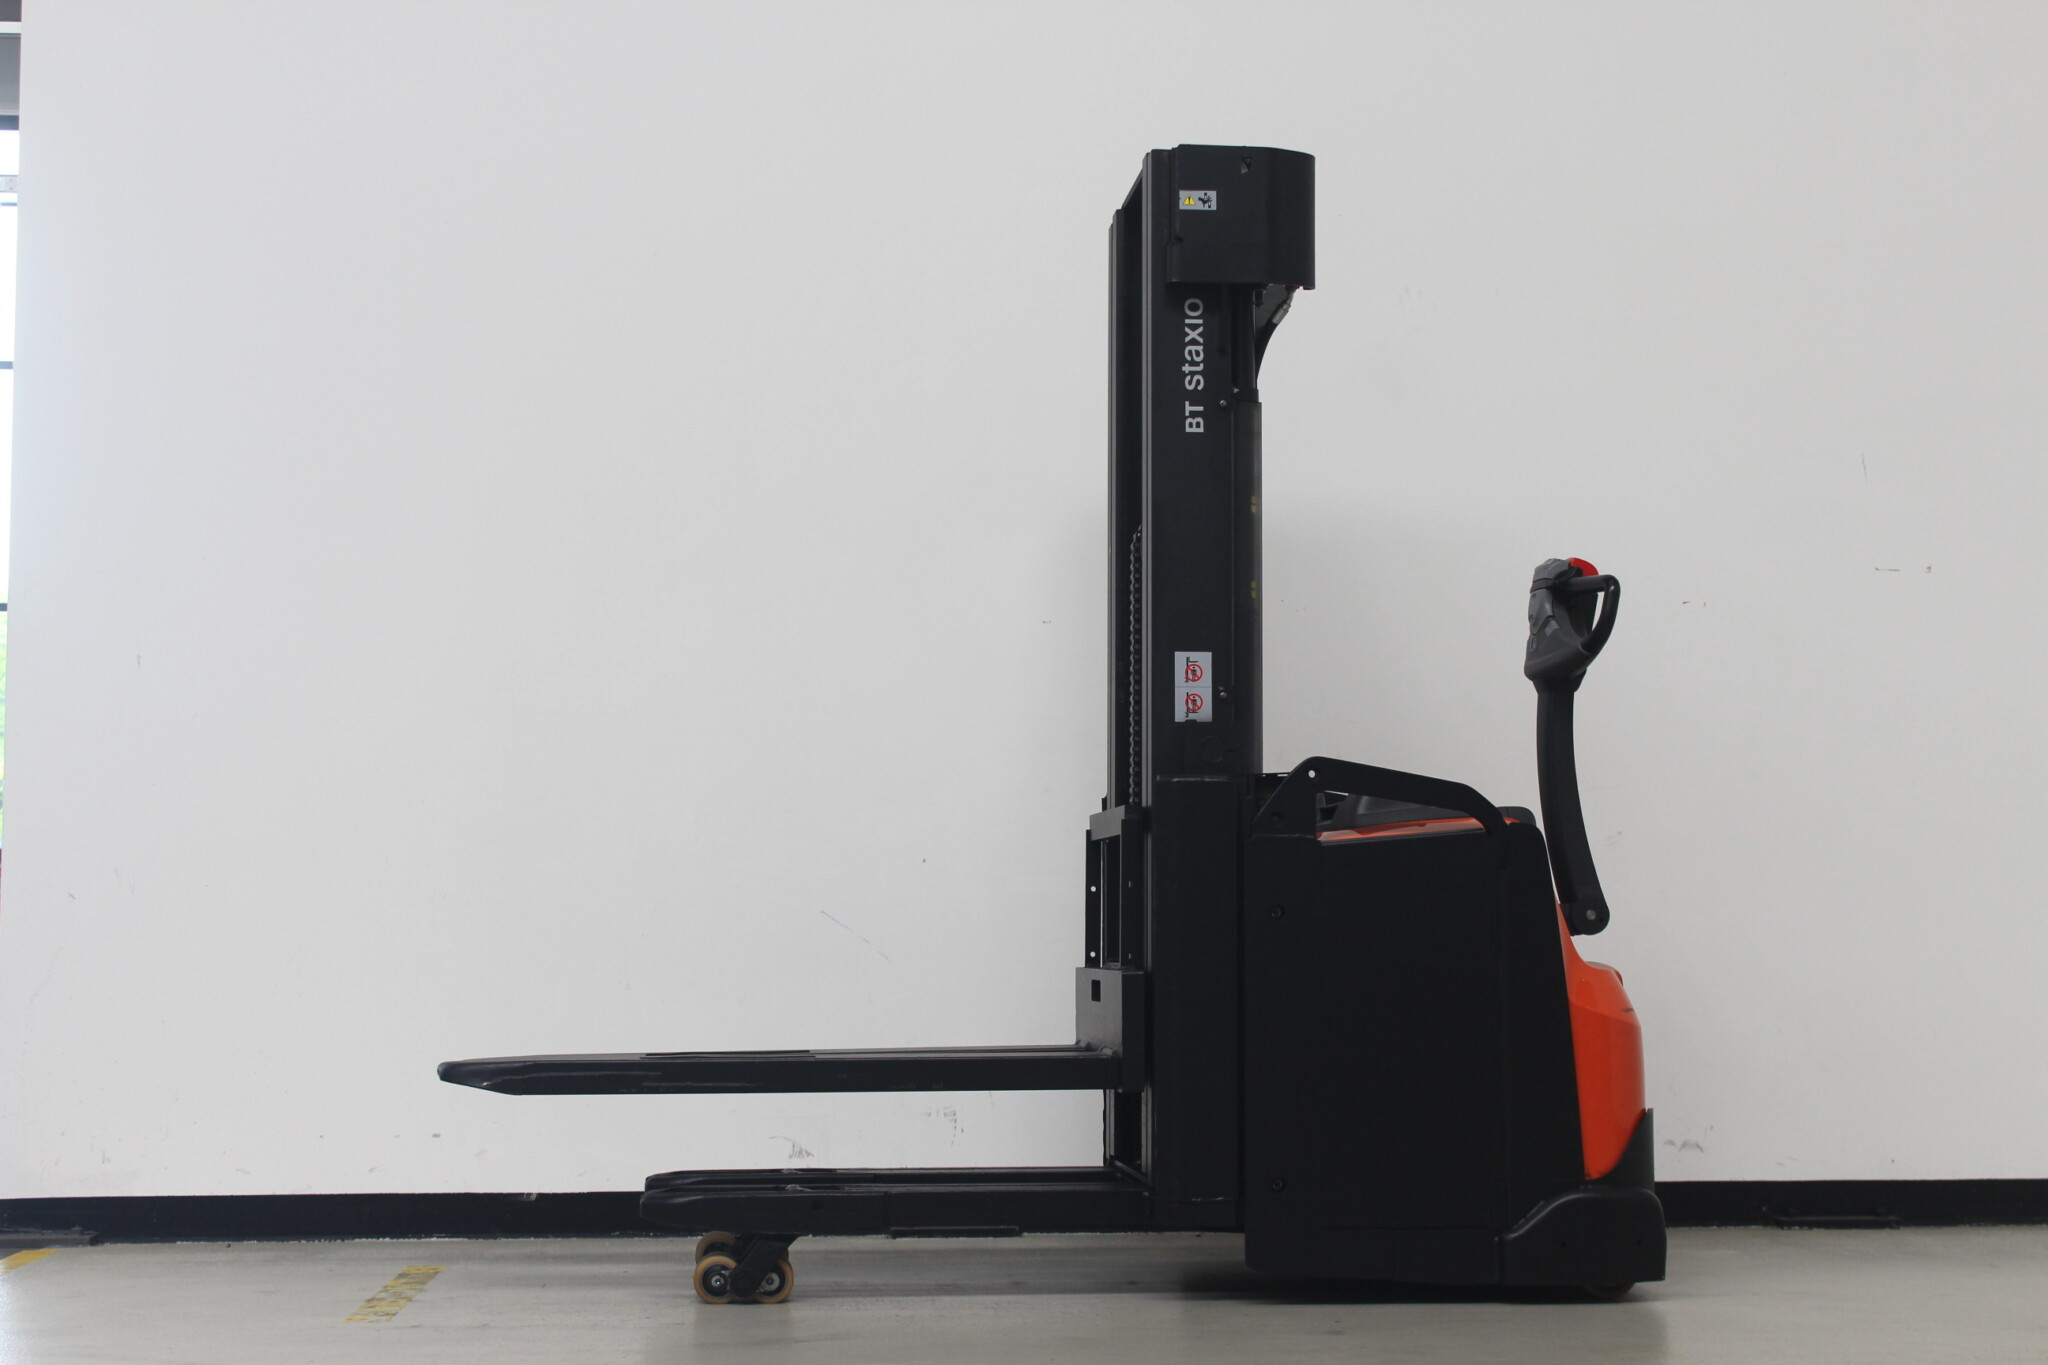 Toyota-Gabelstapler-59840 1703014064 1 21 scaled